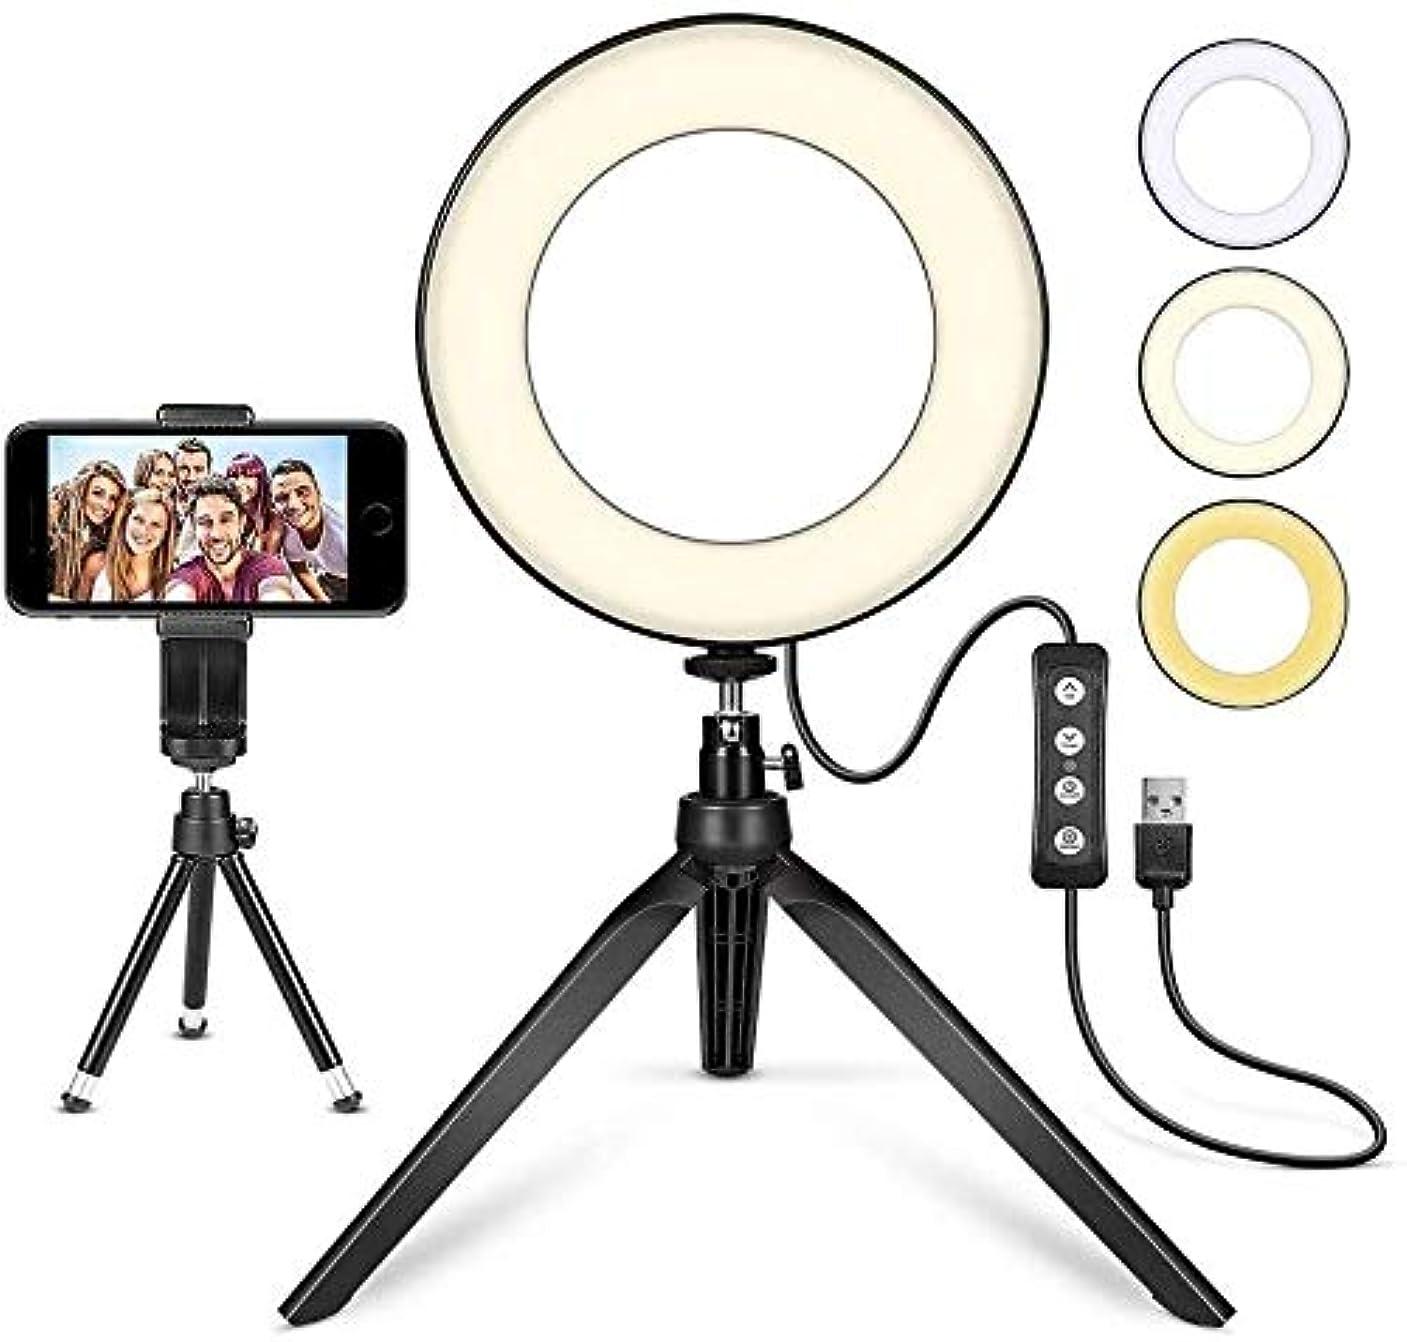 ページェント献身ヘッジ電話ホルダーと自分撮り光リング ライブストリーミングメイク動画を写真のための自分撮りリングライト調スタンド携帯電話ホルダーミニLEDリングライトカメラ 自分撮り用照明